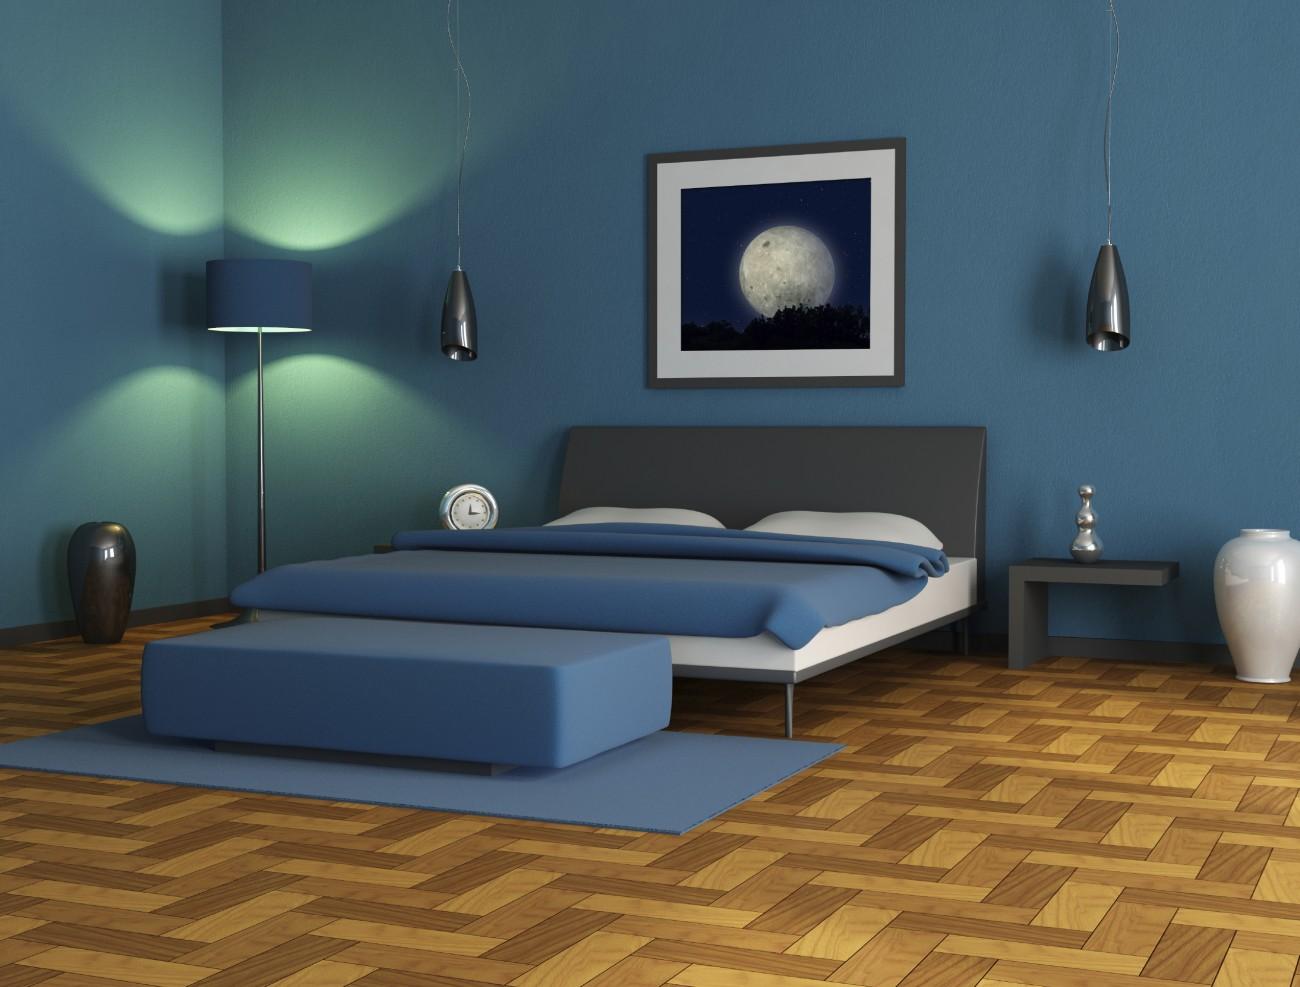 welche wandfarbe fur schlafzimmer, die ideale wandfarbe fürs schlafzimmer | desired.de, Design ideen